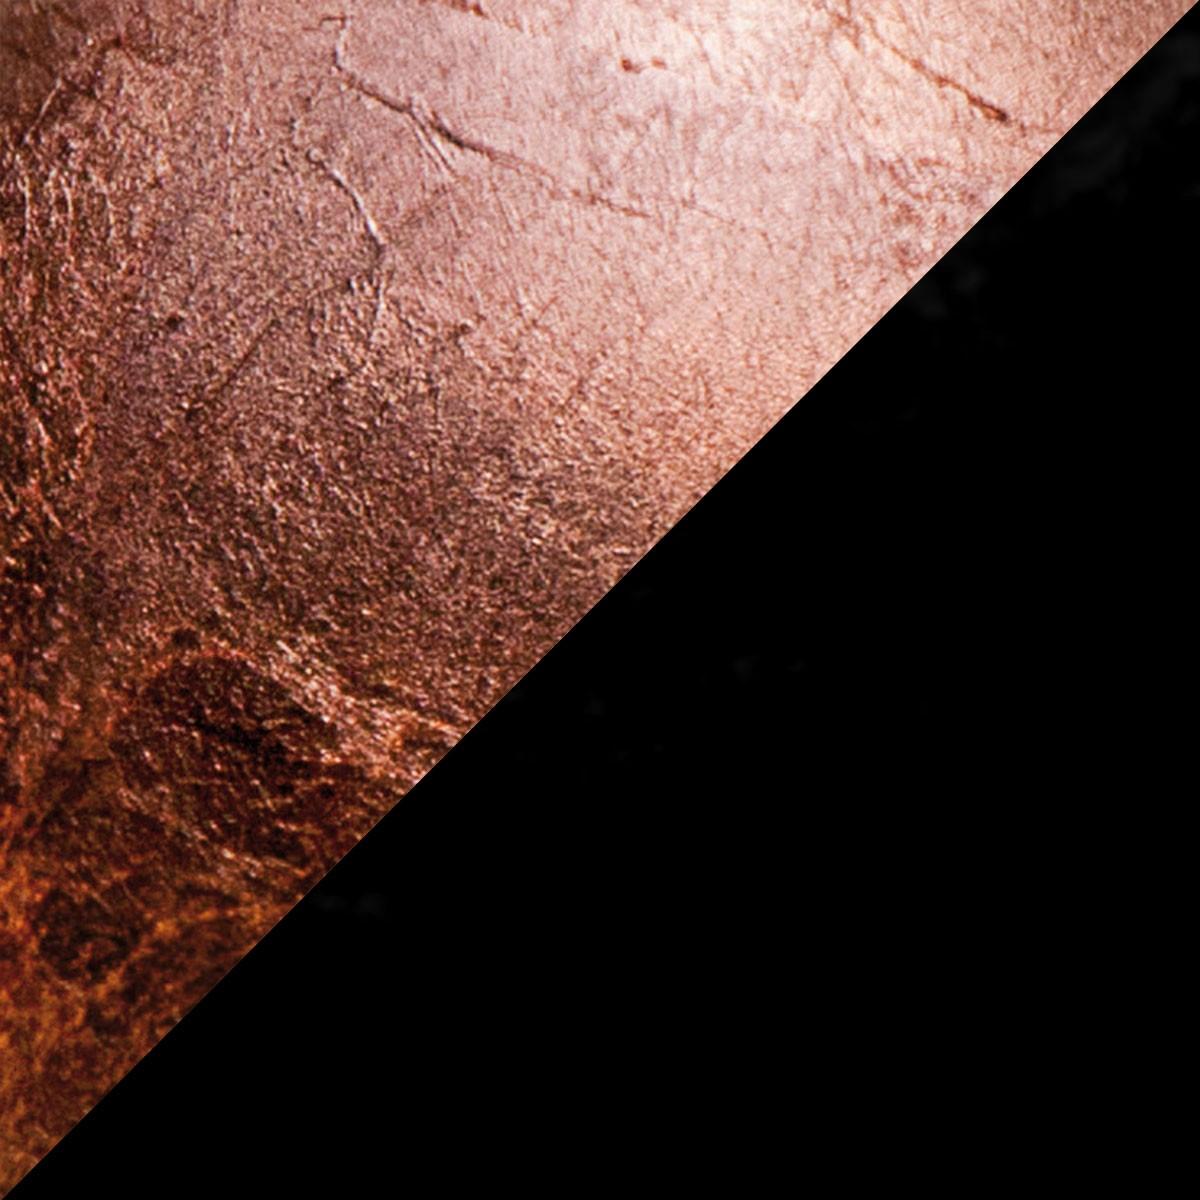 Catellani & Smith Lederam F0 Stehleuchte, Scheibe: Kupfer, Stange: schwarz